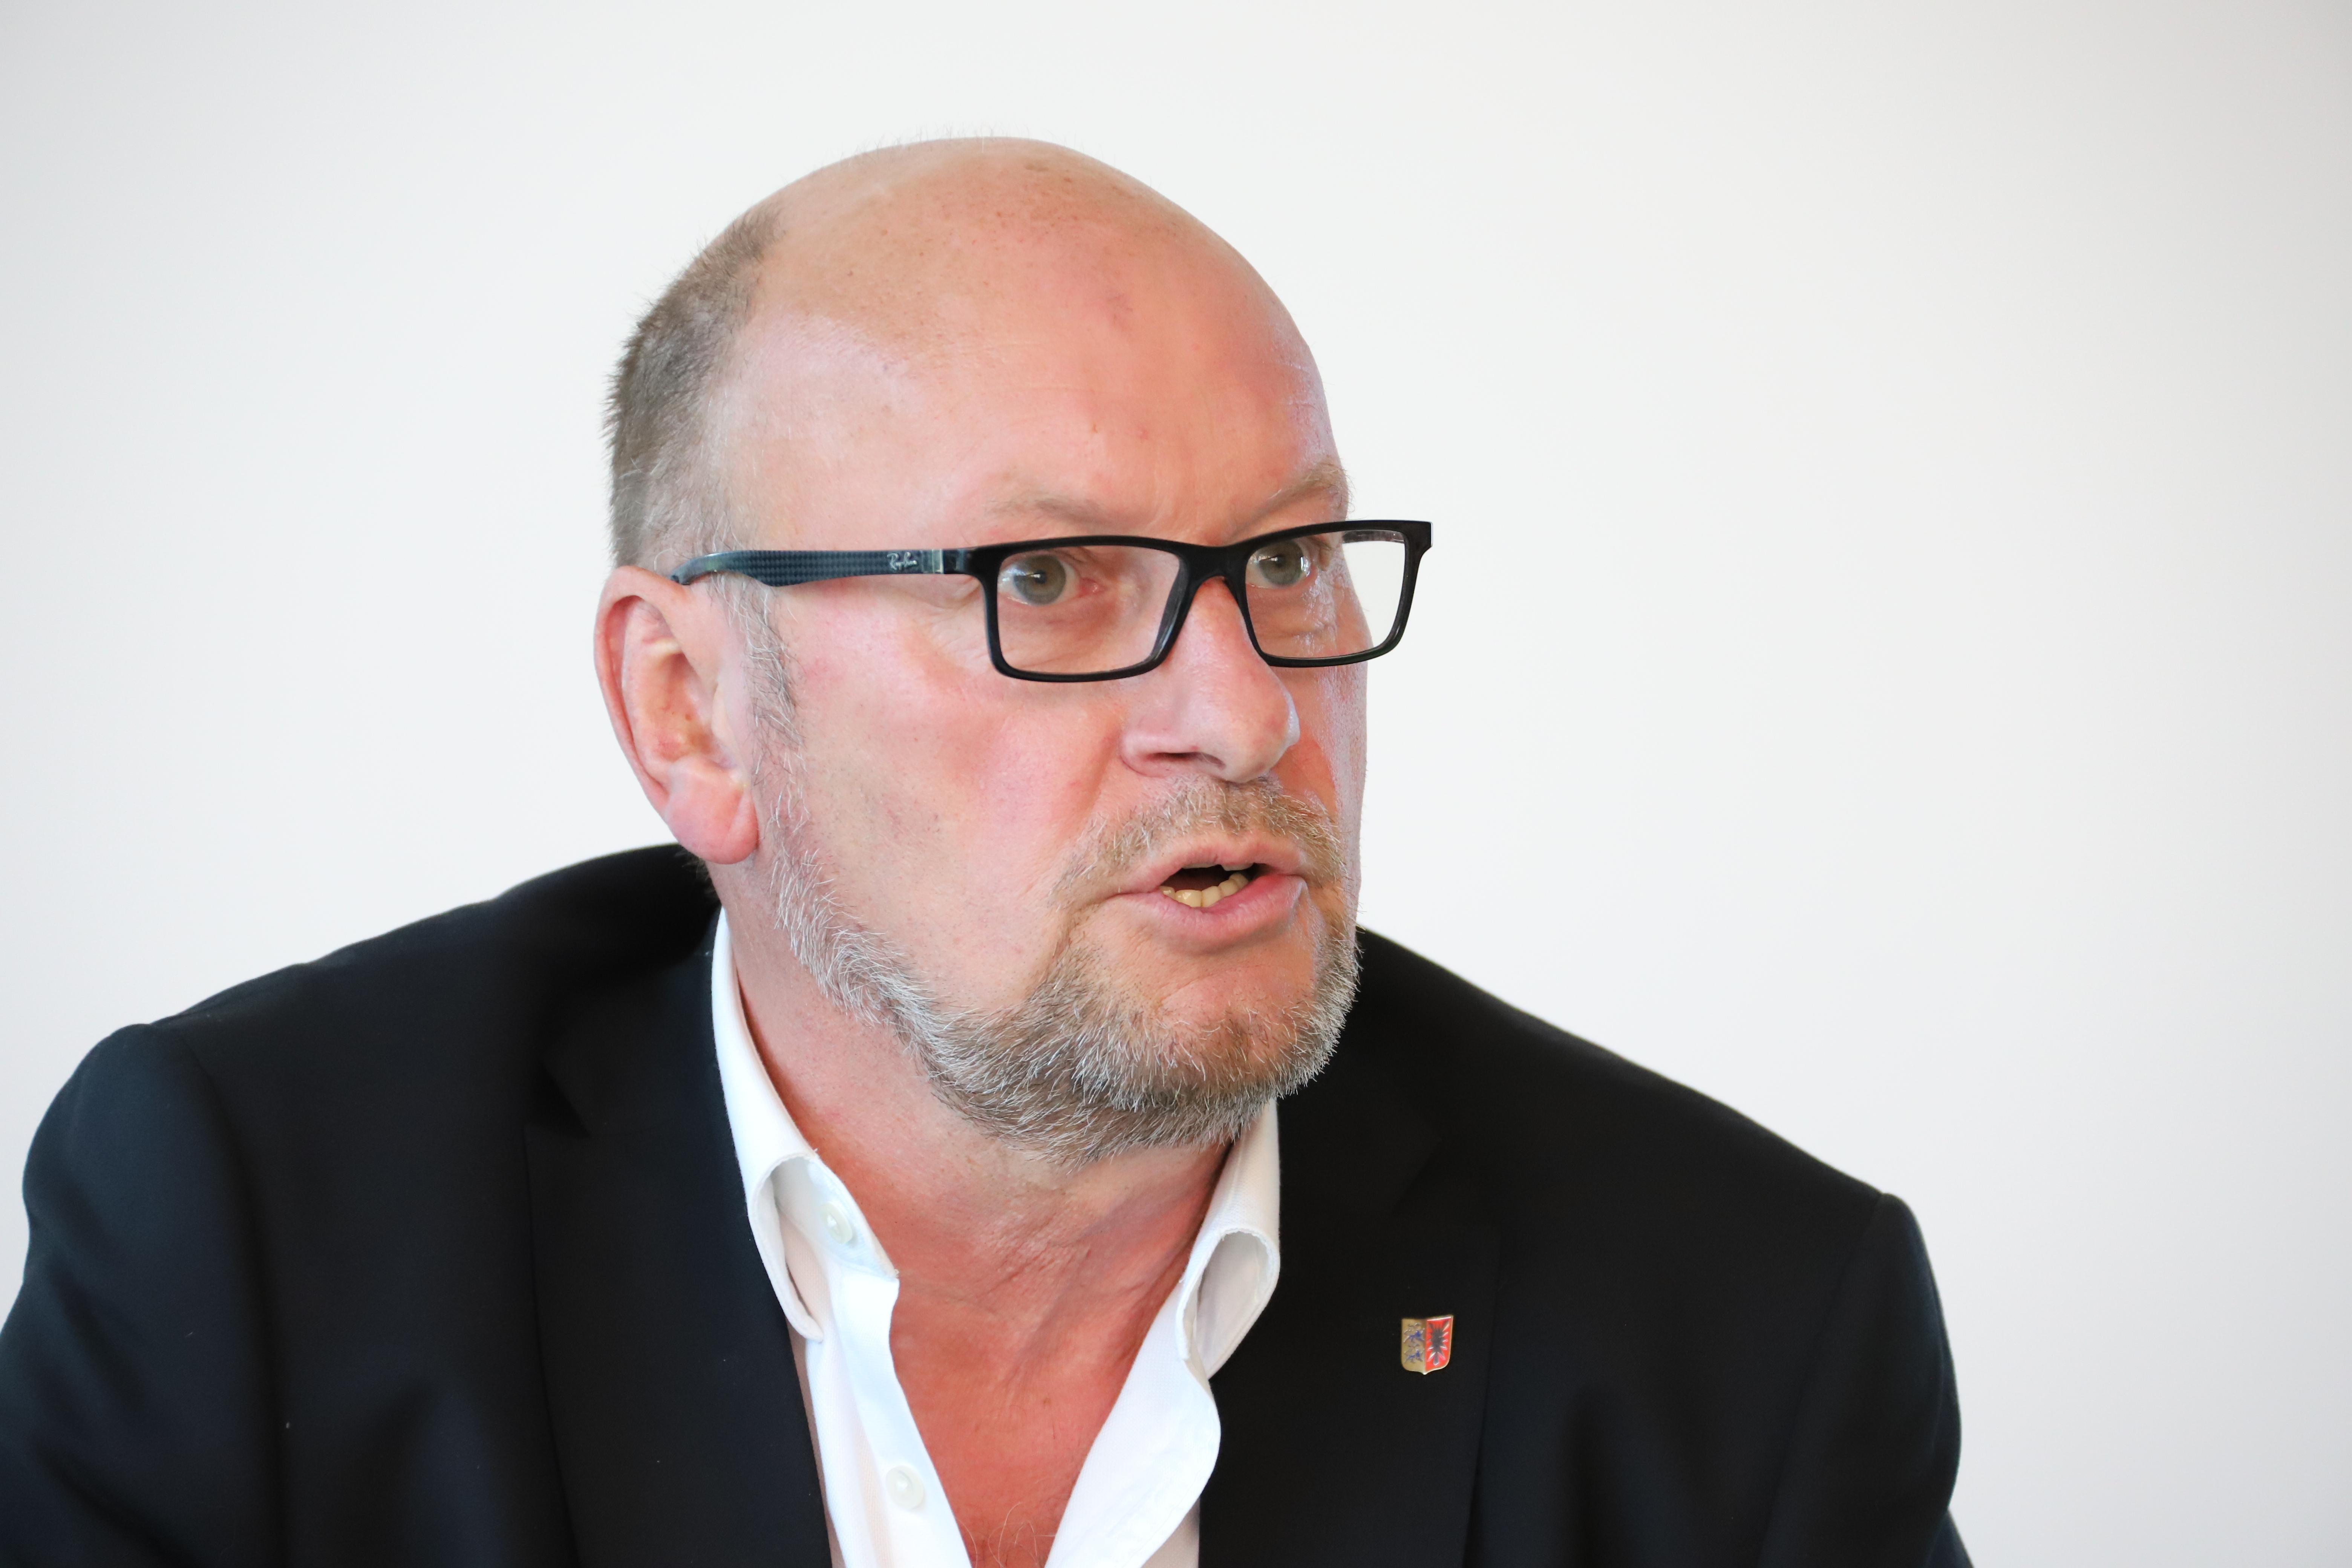 Hartmut Hamerich Eropapolitiascher Sprecher im Landtag von SG